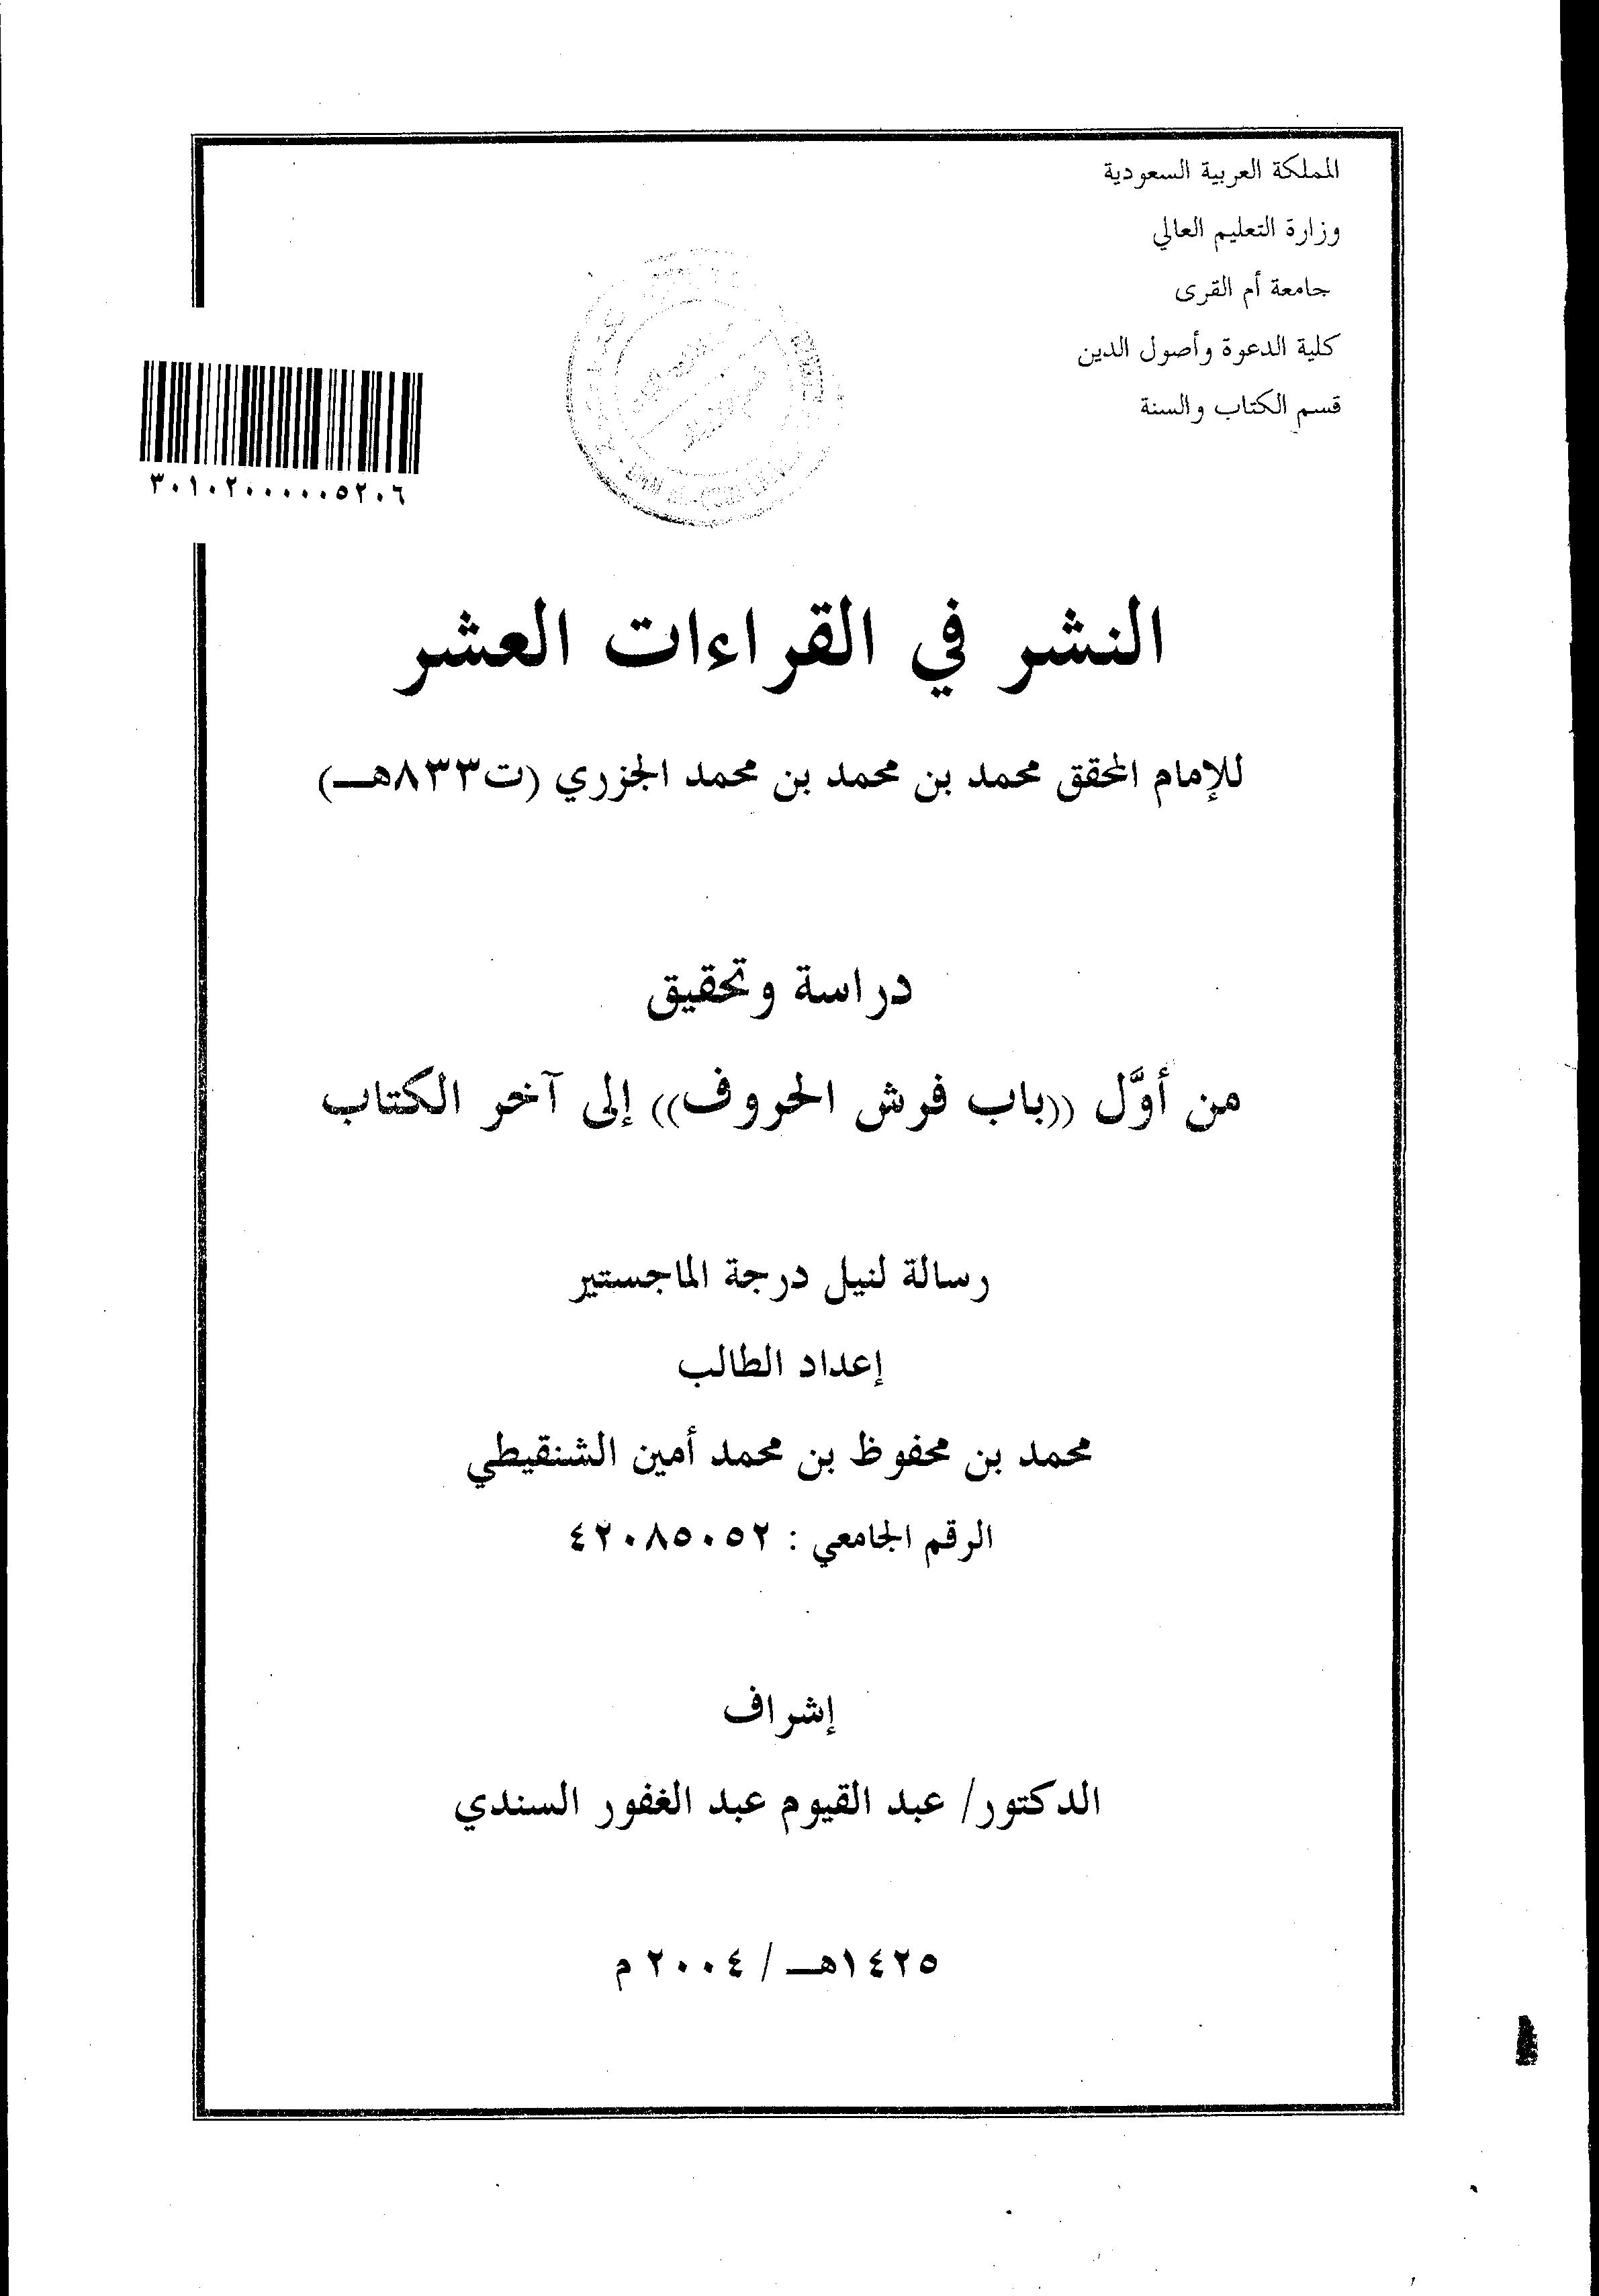 تحميل كتاب النشر في القراءات العشر: دراسة وتحقيق (من أول باب فرش الحروف إلى آخر الكتاب) لـِ: ابن الجزري